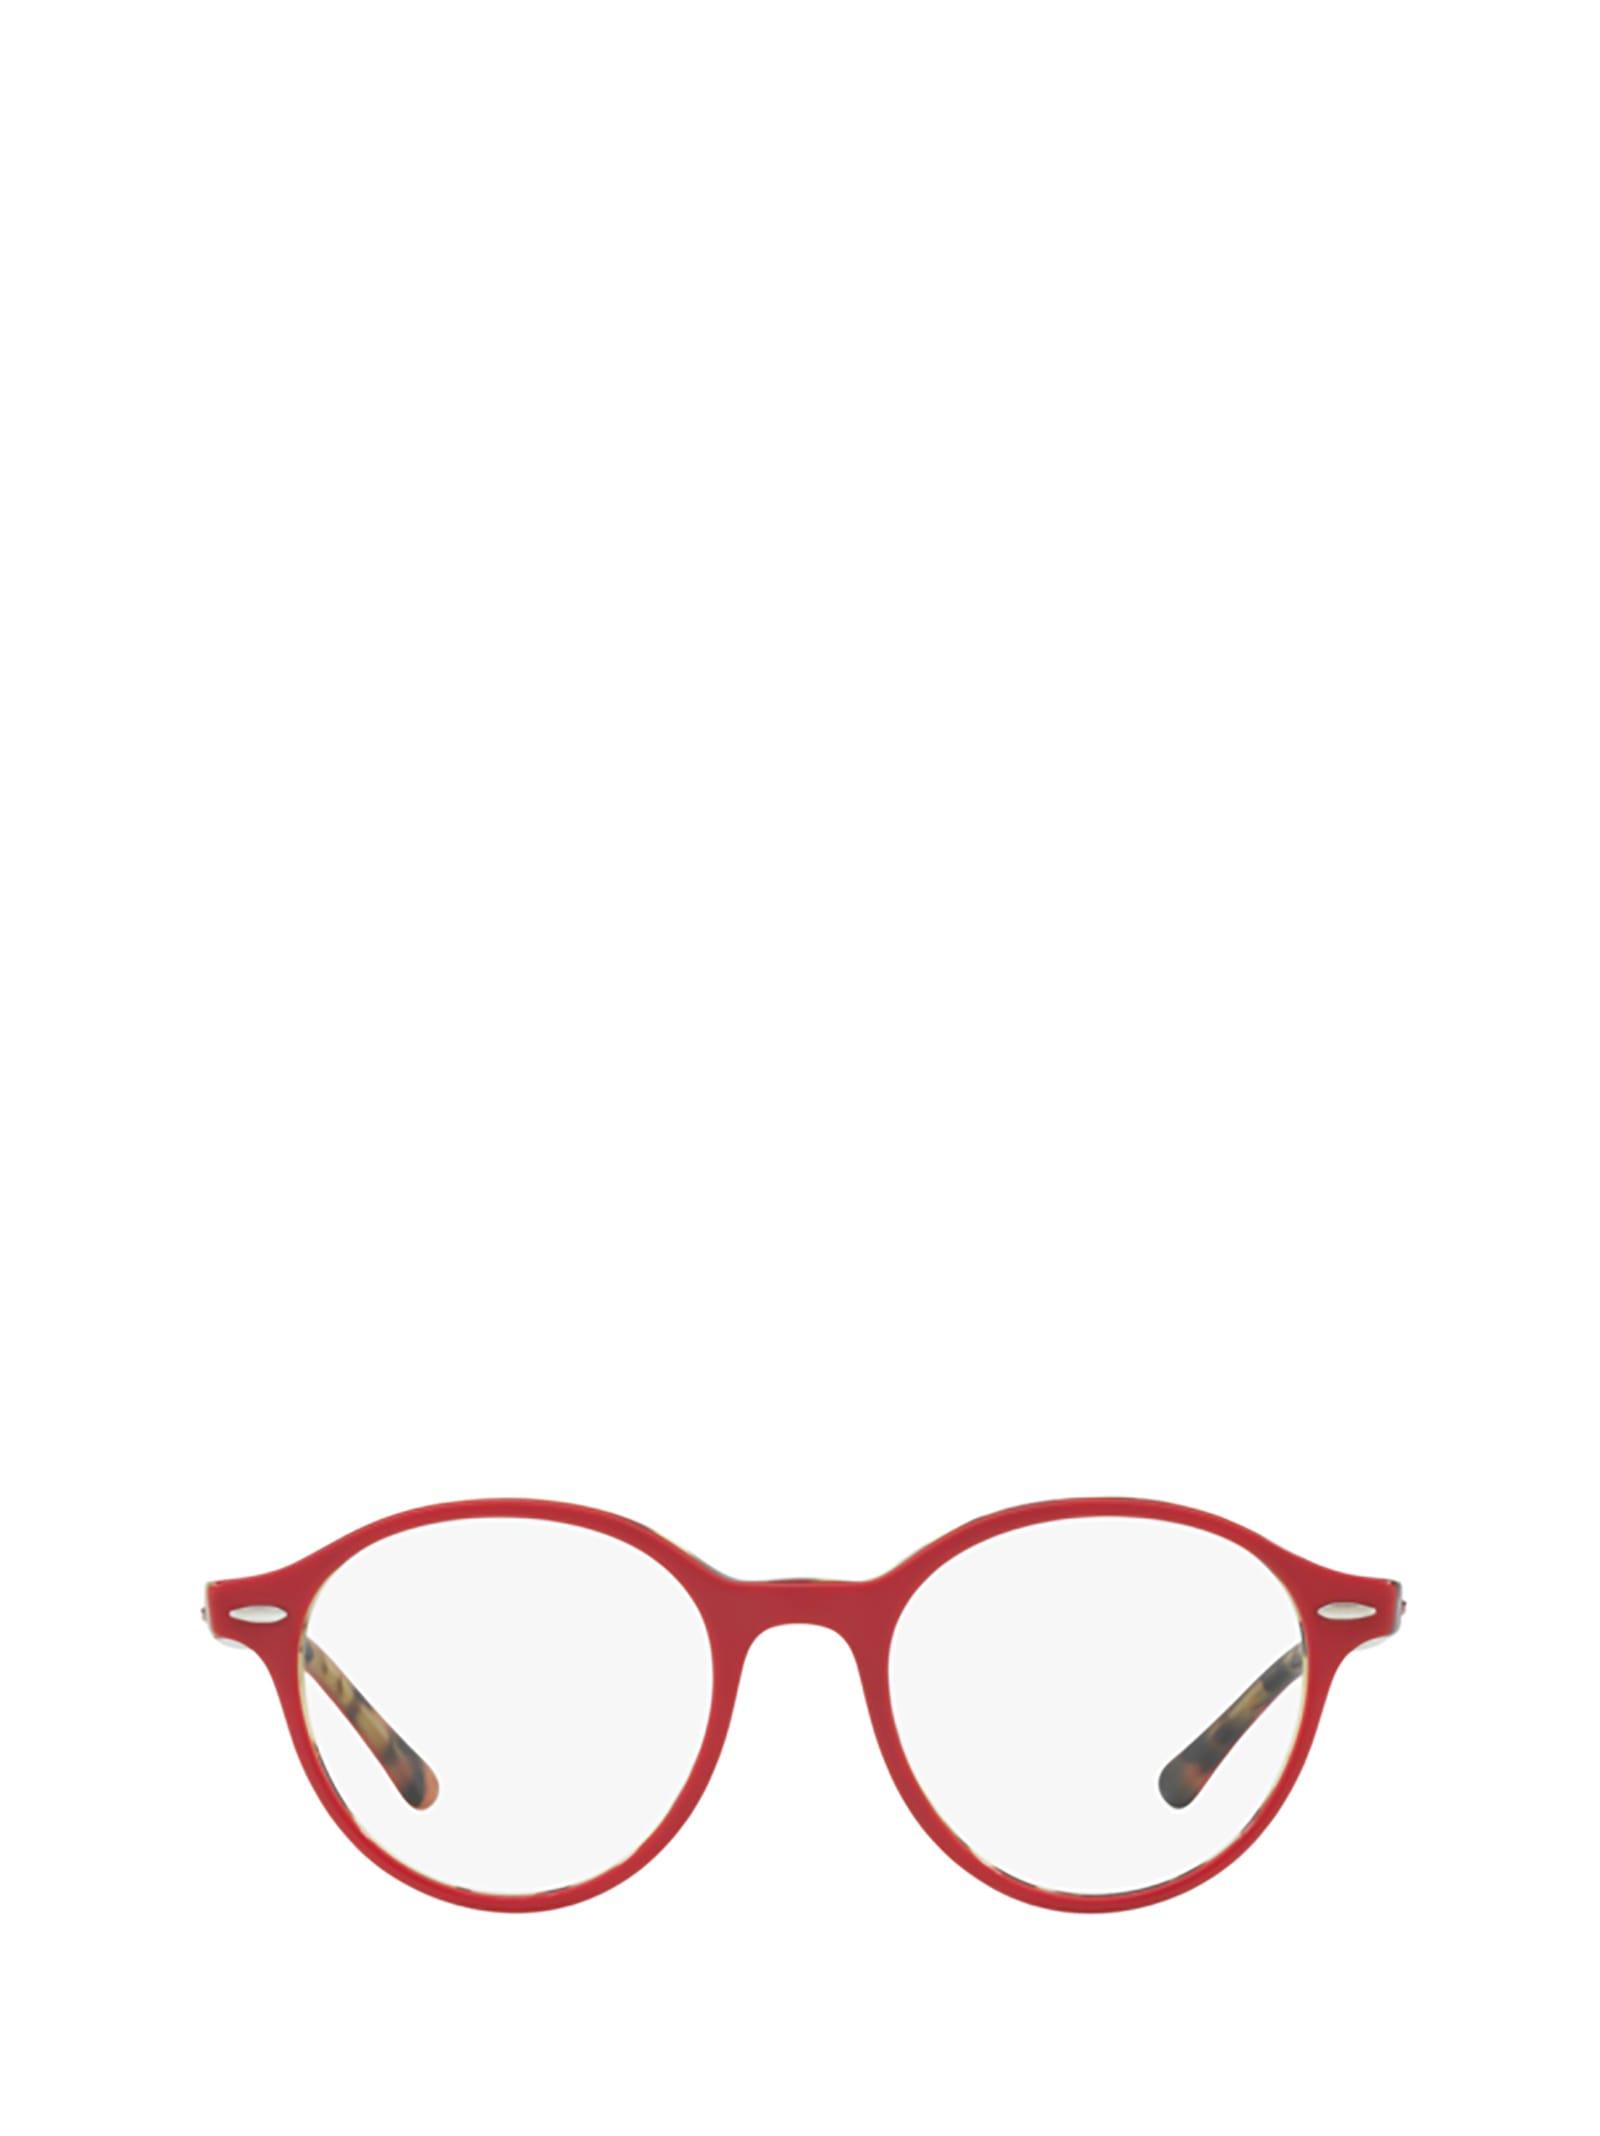 Ray-Ban Ray-ban Rx7118 5714 Glasses